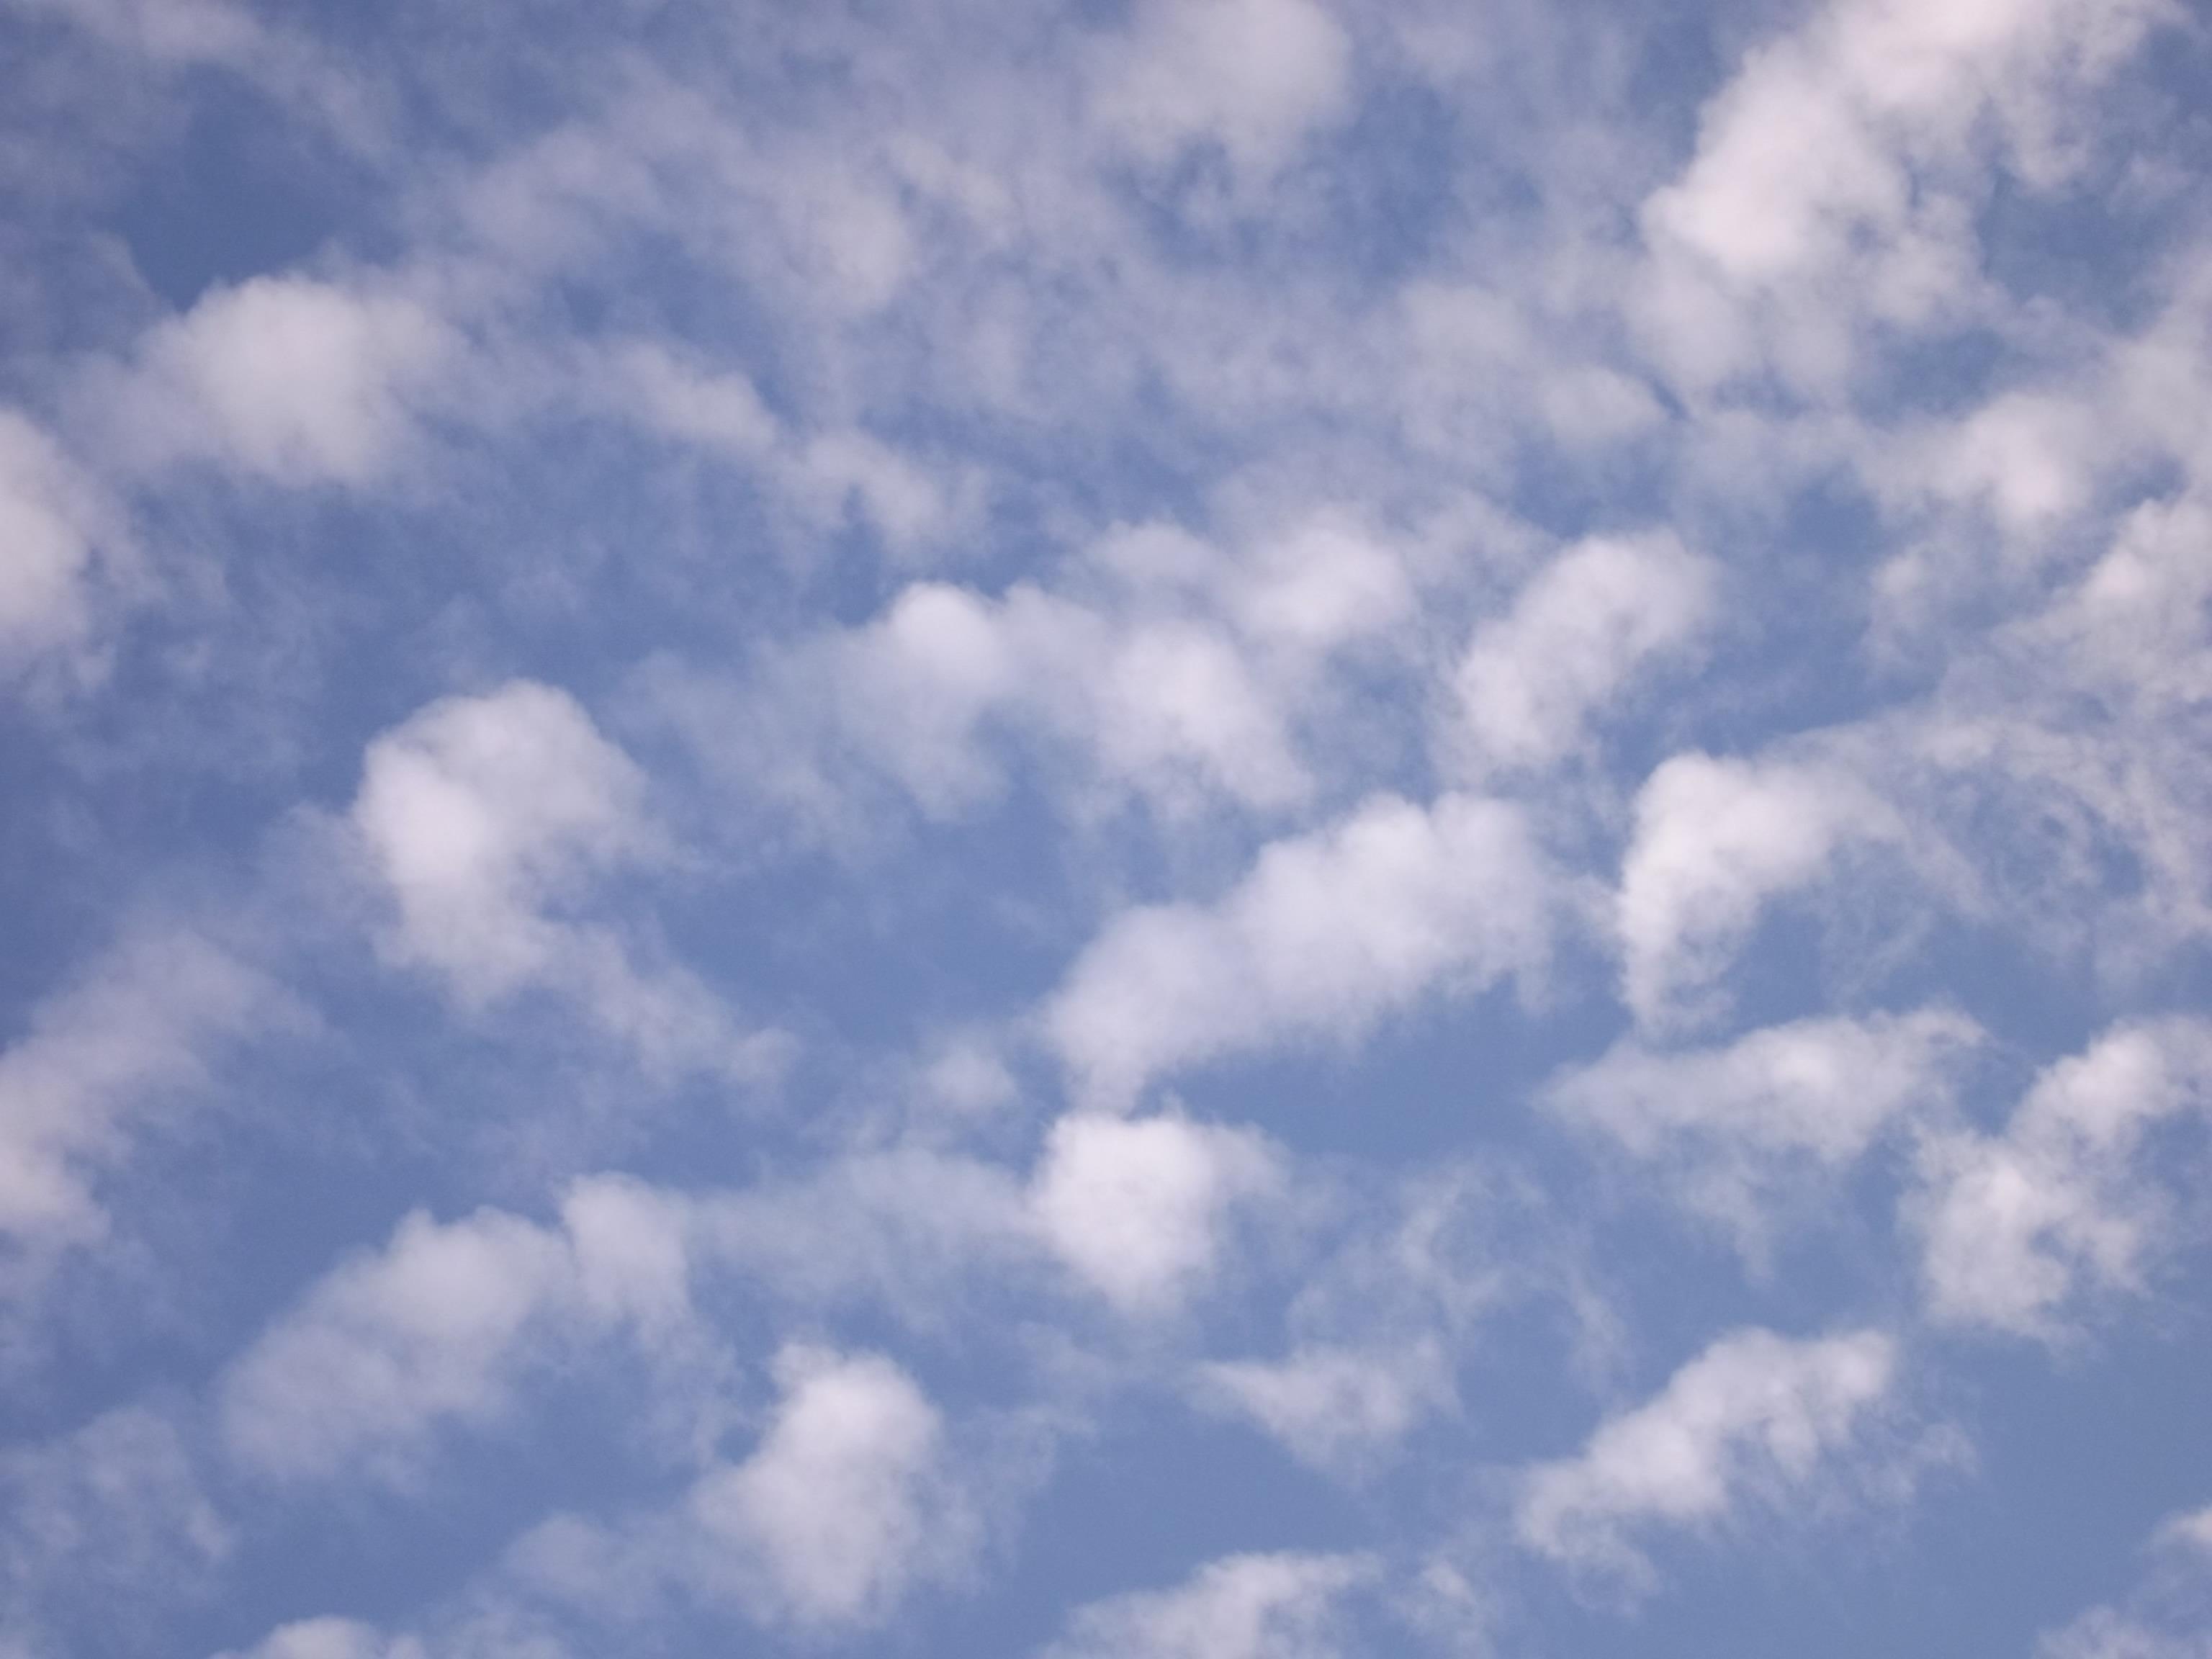 6469-wolke-himmel-blau